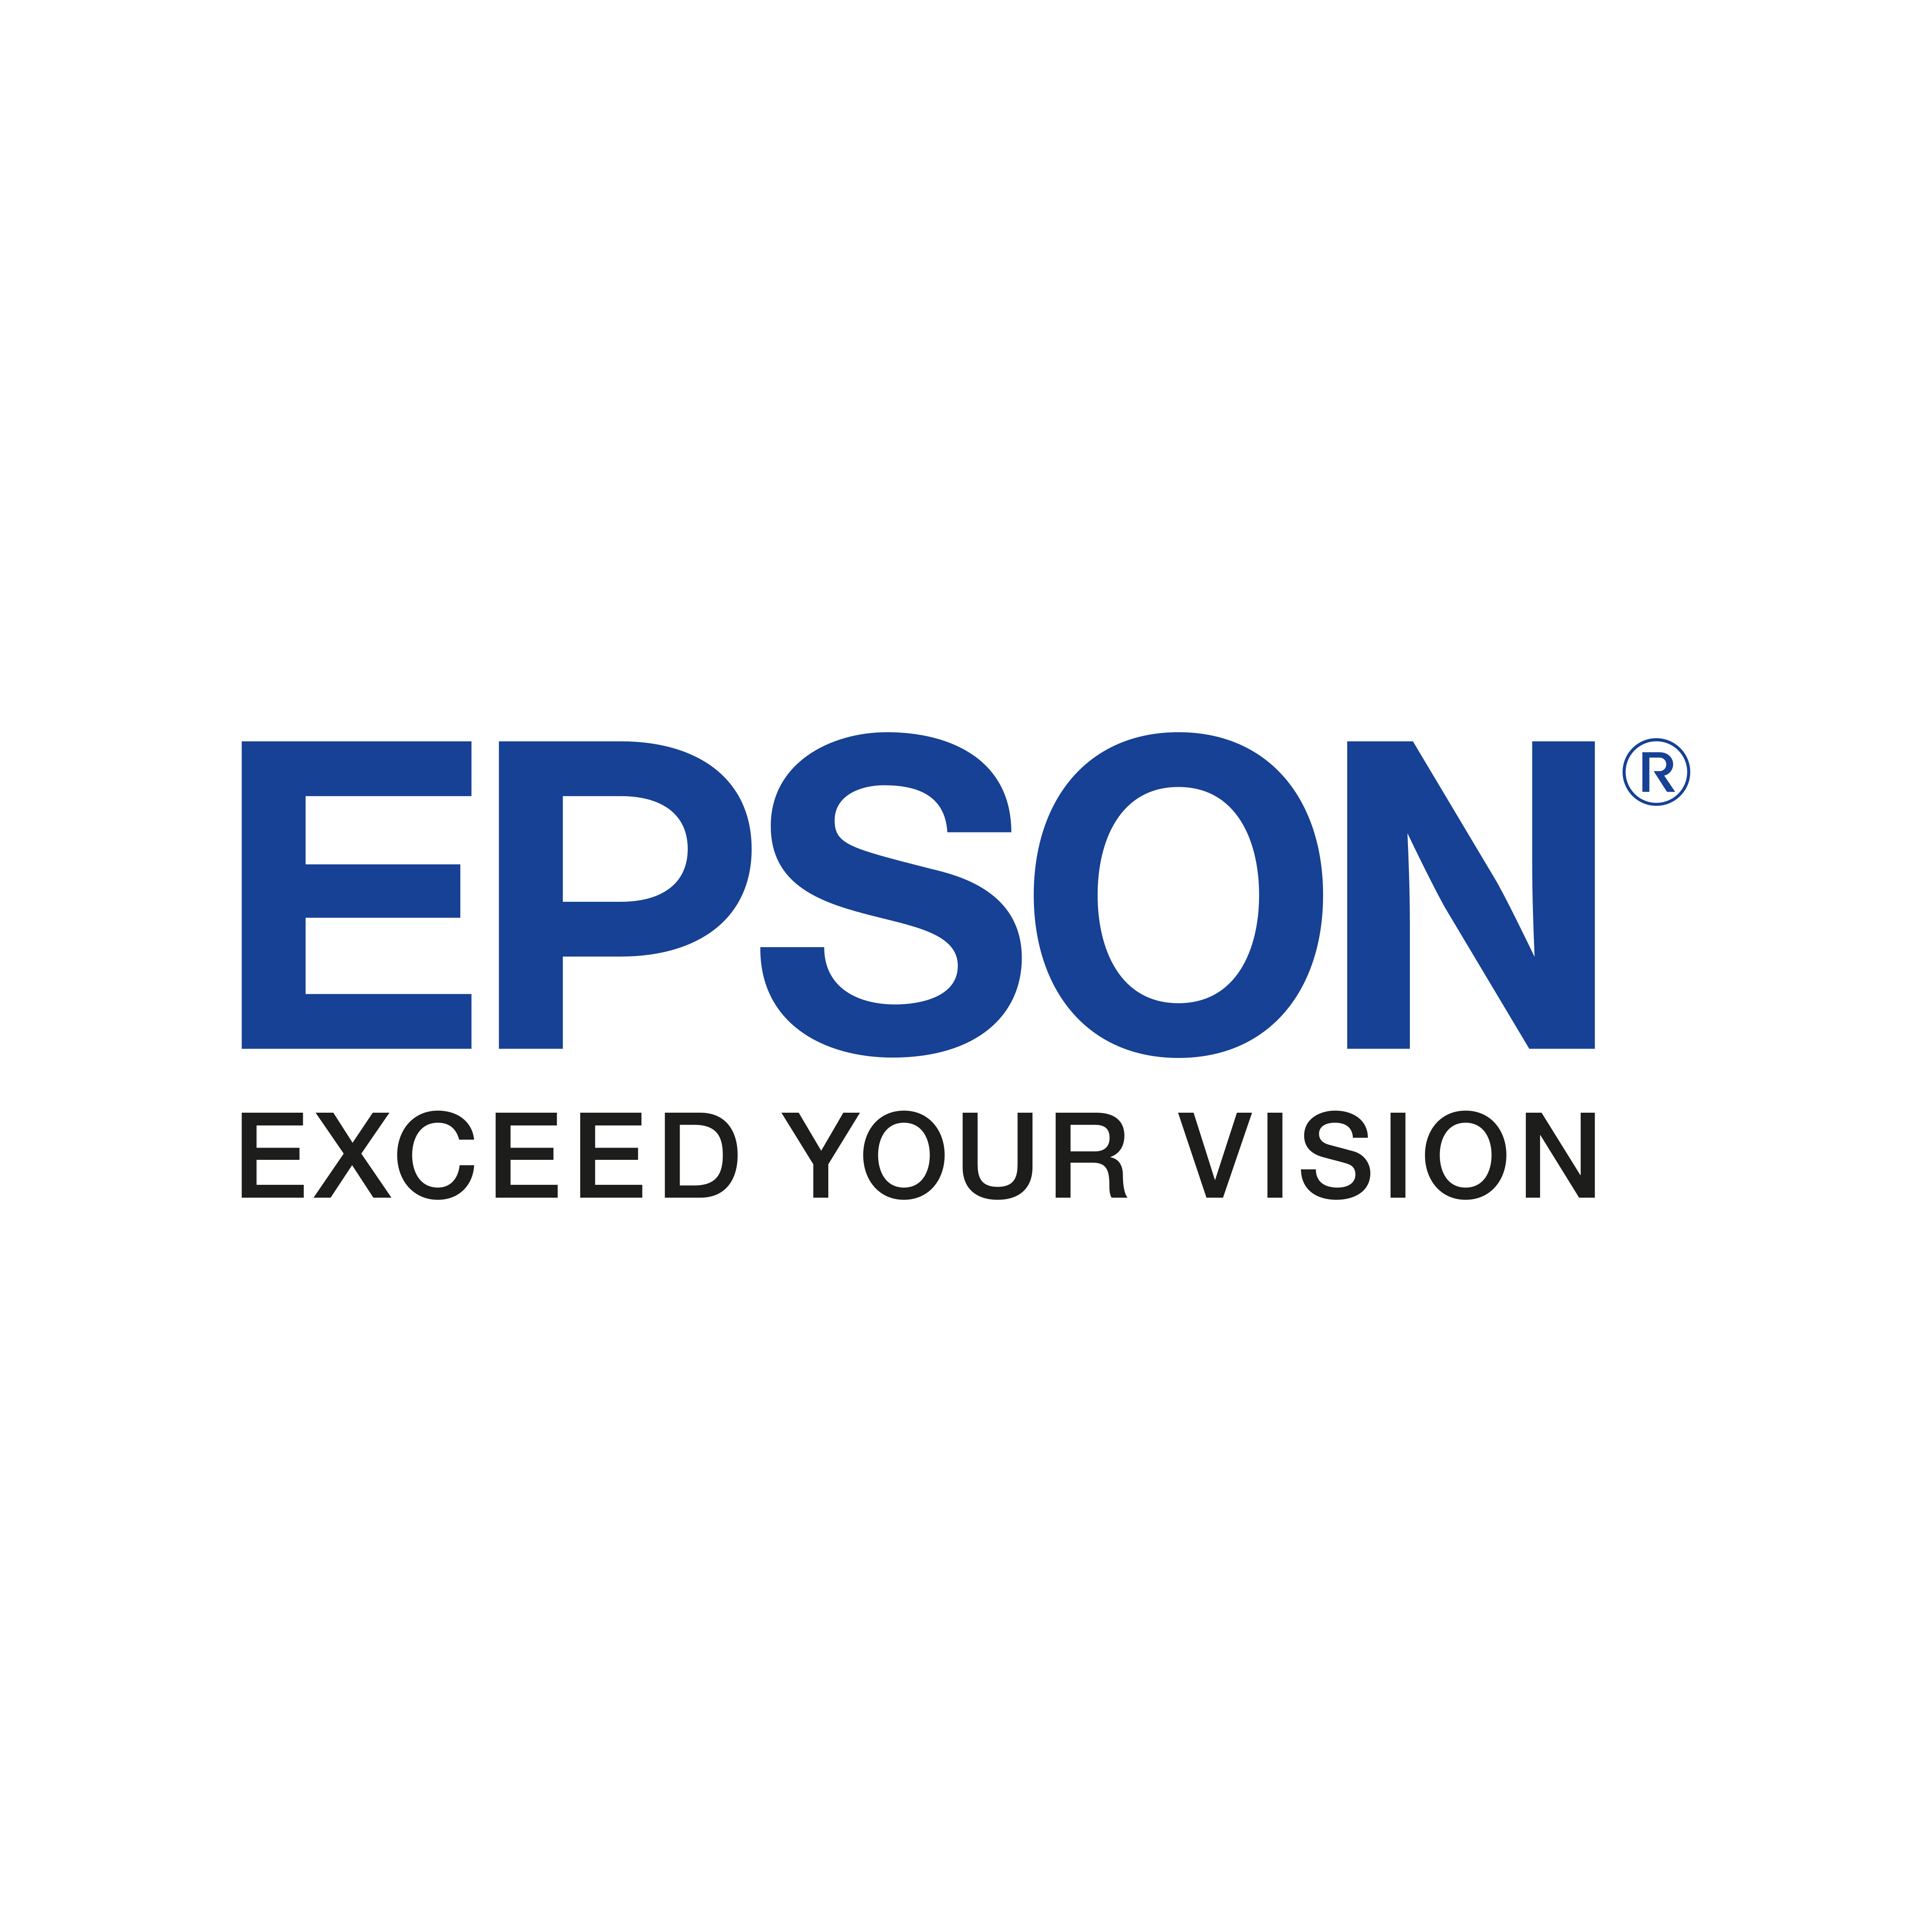 epson logo 0 - Epson Logo